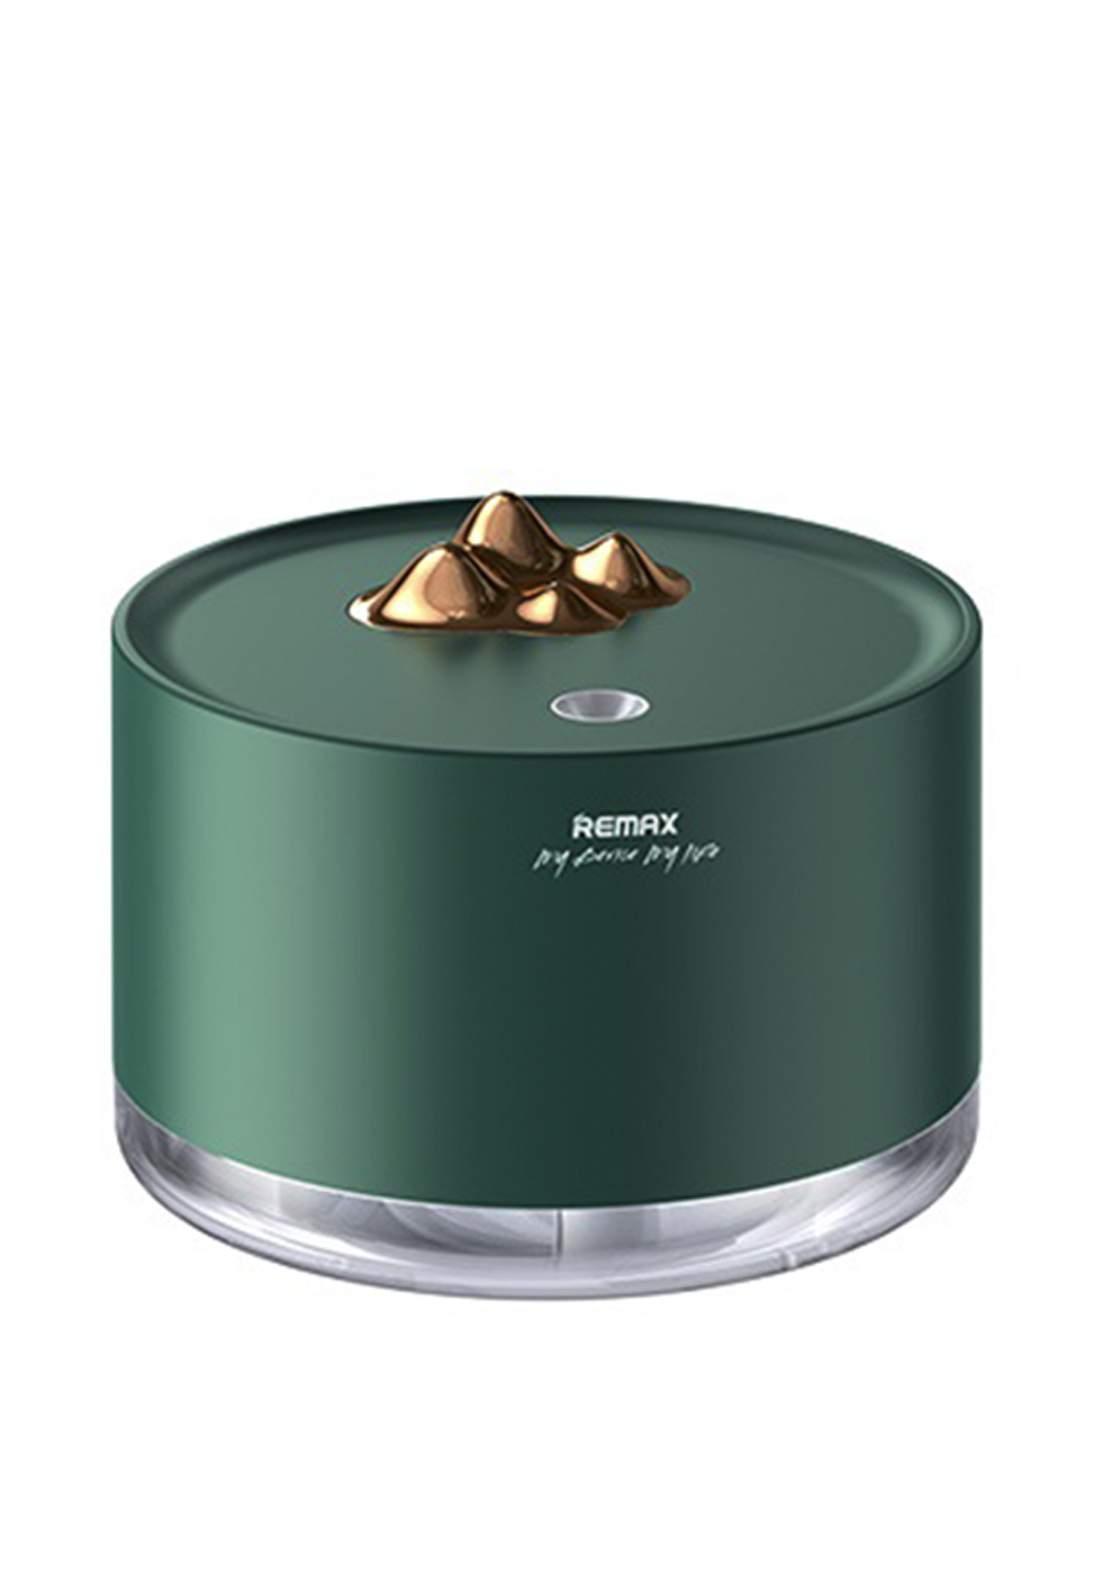 Remax RT-A300 Desktop Mini Drop Air Usb Mist Humidifier With Led Light مبخرة معطرة